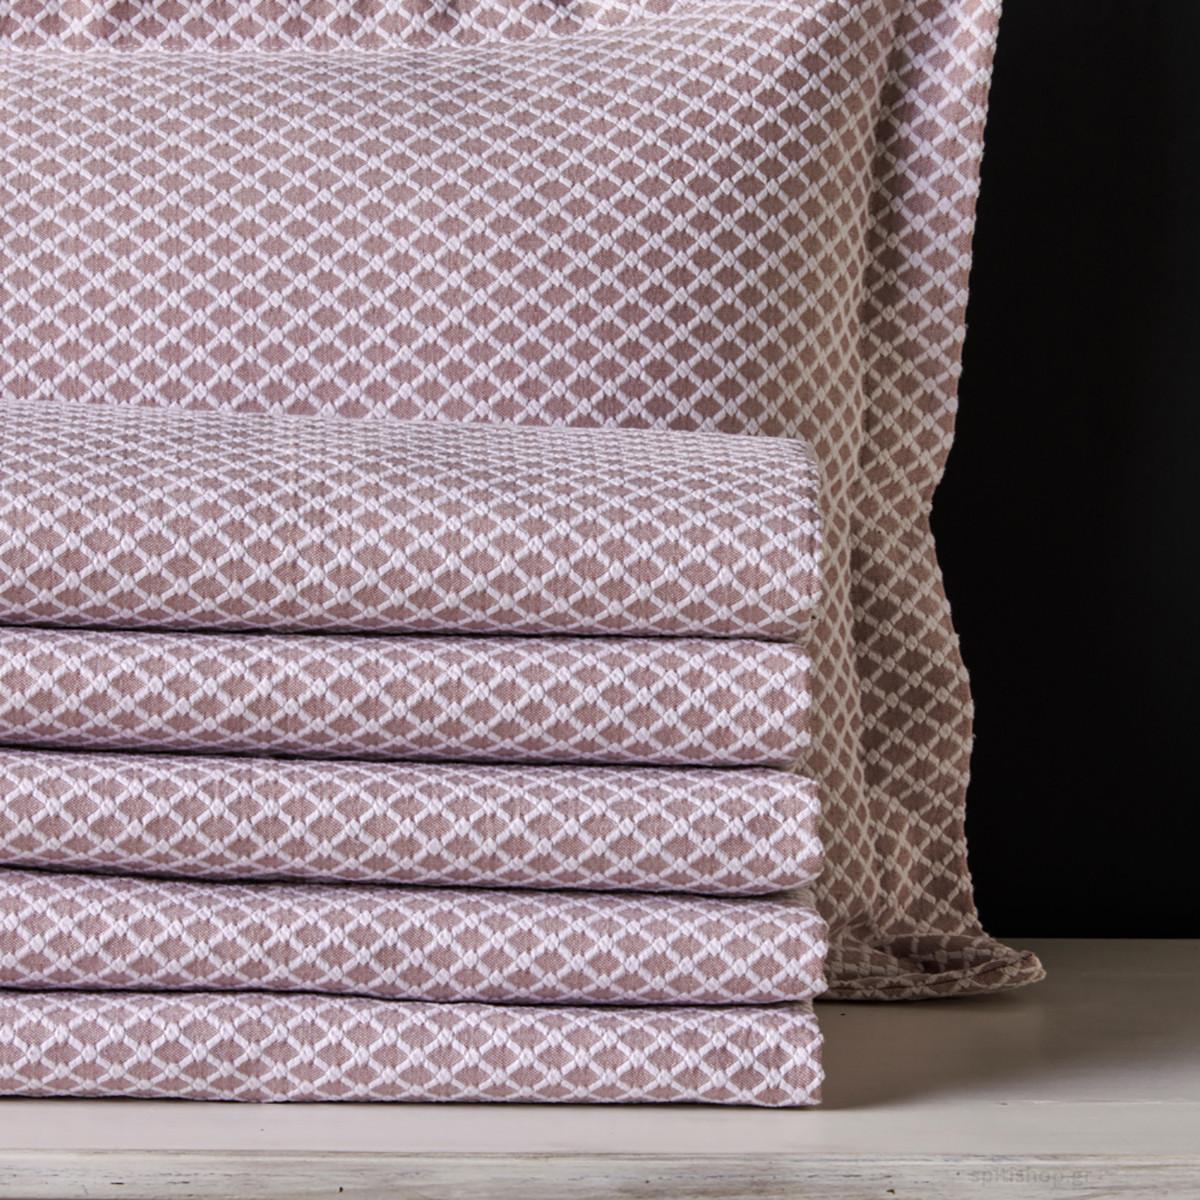 Κουβερτόριο Υπέρδιπλο Kentia Stylish Diamand 14 home   κρεβατοκάμαρα   κουβέρτες   κουβέρτες καλοκαιρινές υπέρδιπλες